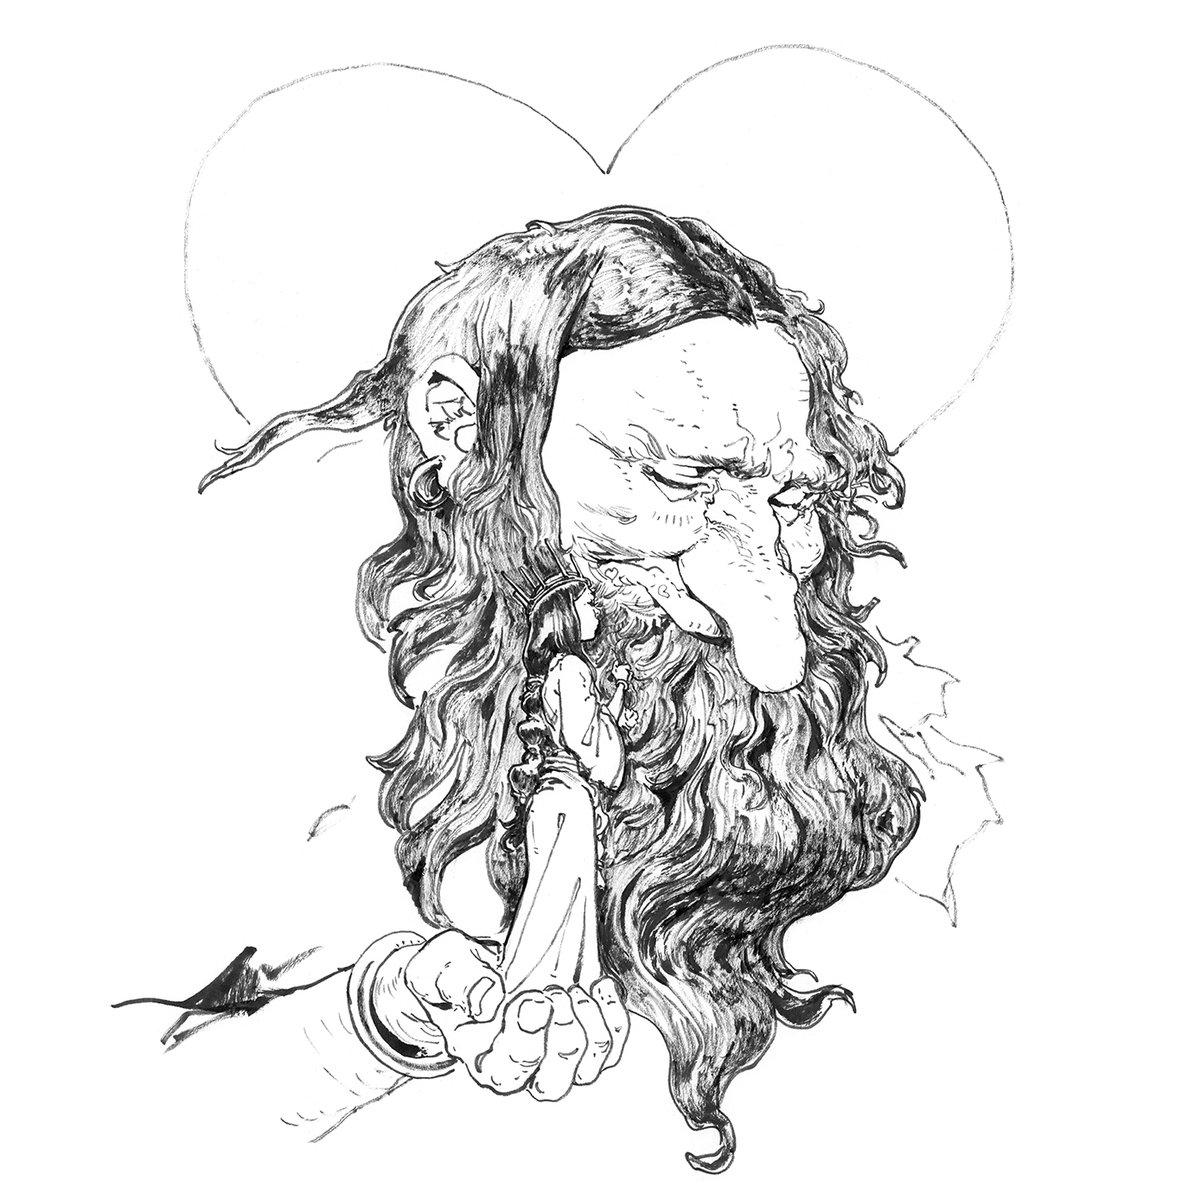 The Princess and the Troll  #troll #mythology #fantasyart #fantasyillustration #fantasyartist #fantasydrawing #ilovefantasyart #fantasyworld #worldbuilding #visdev #darkfantasyart #mysticart #artfantasy #artistsupport #artoninsta #artforthesoul #dailycollector #artcollectingpic.twitter.com/v14dfqOVGB